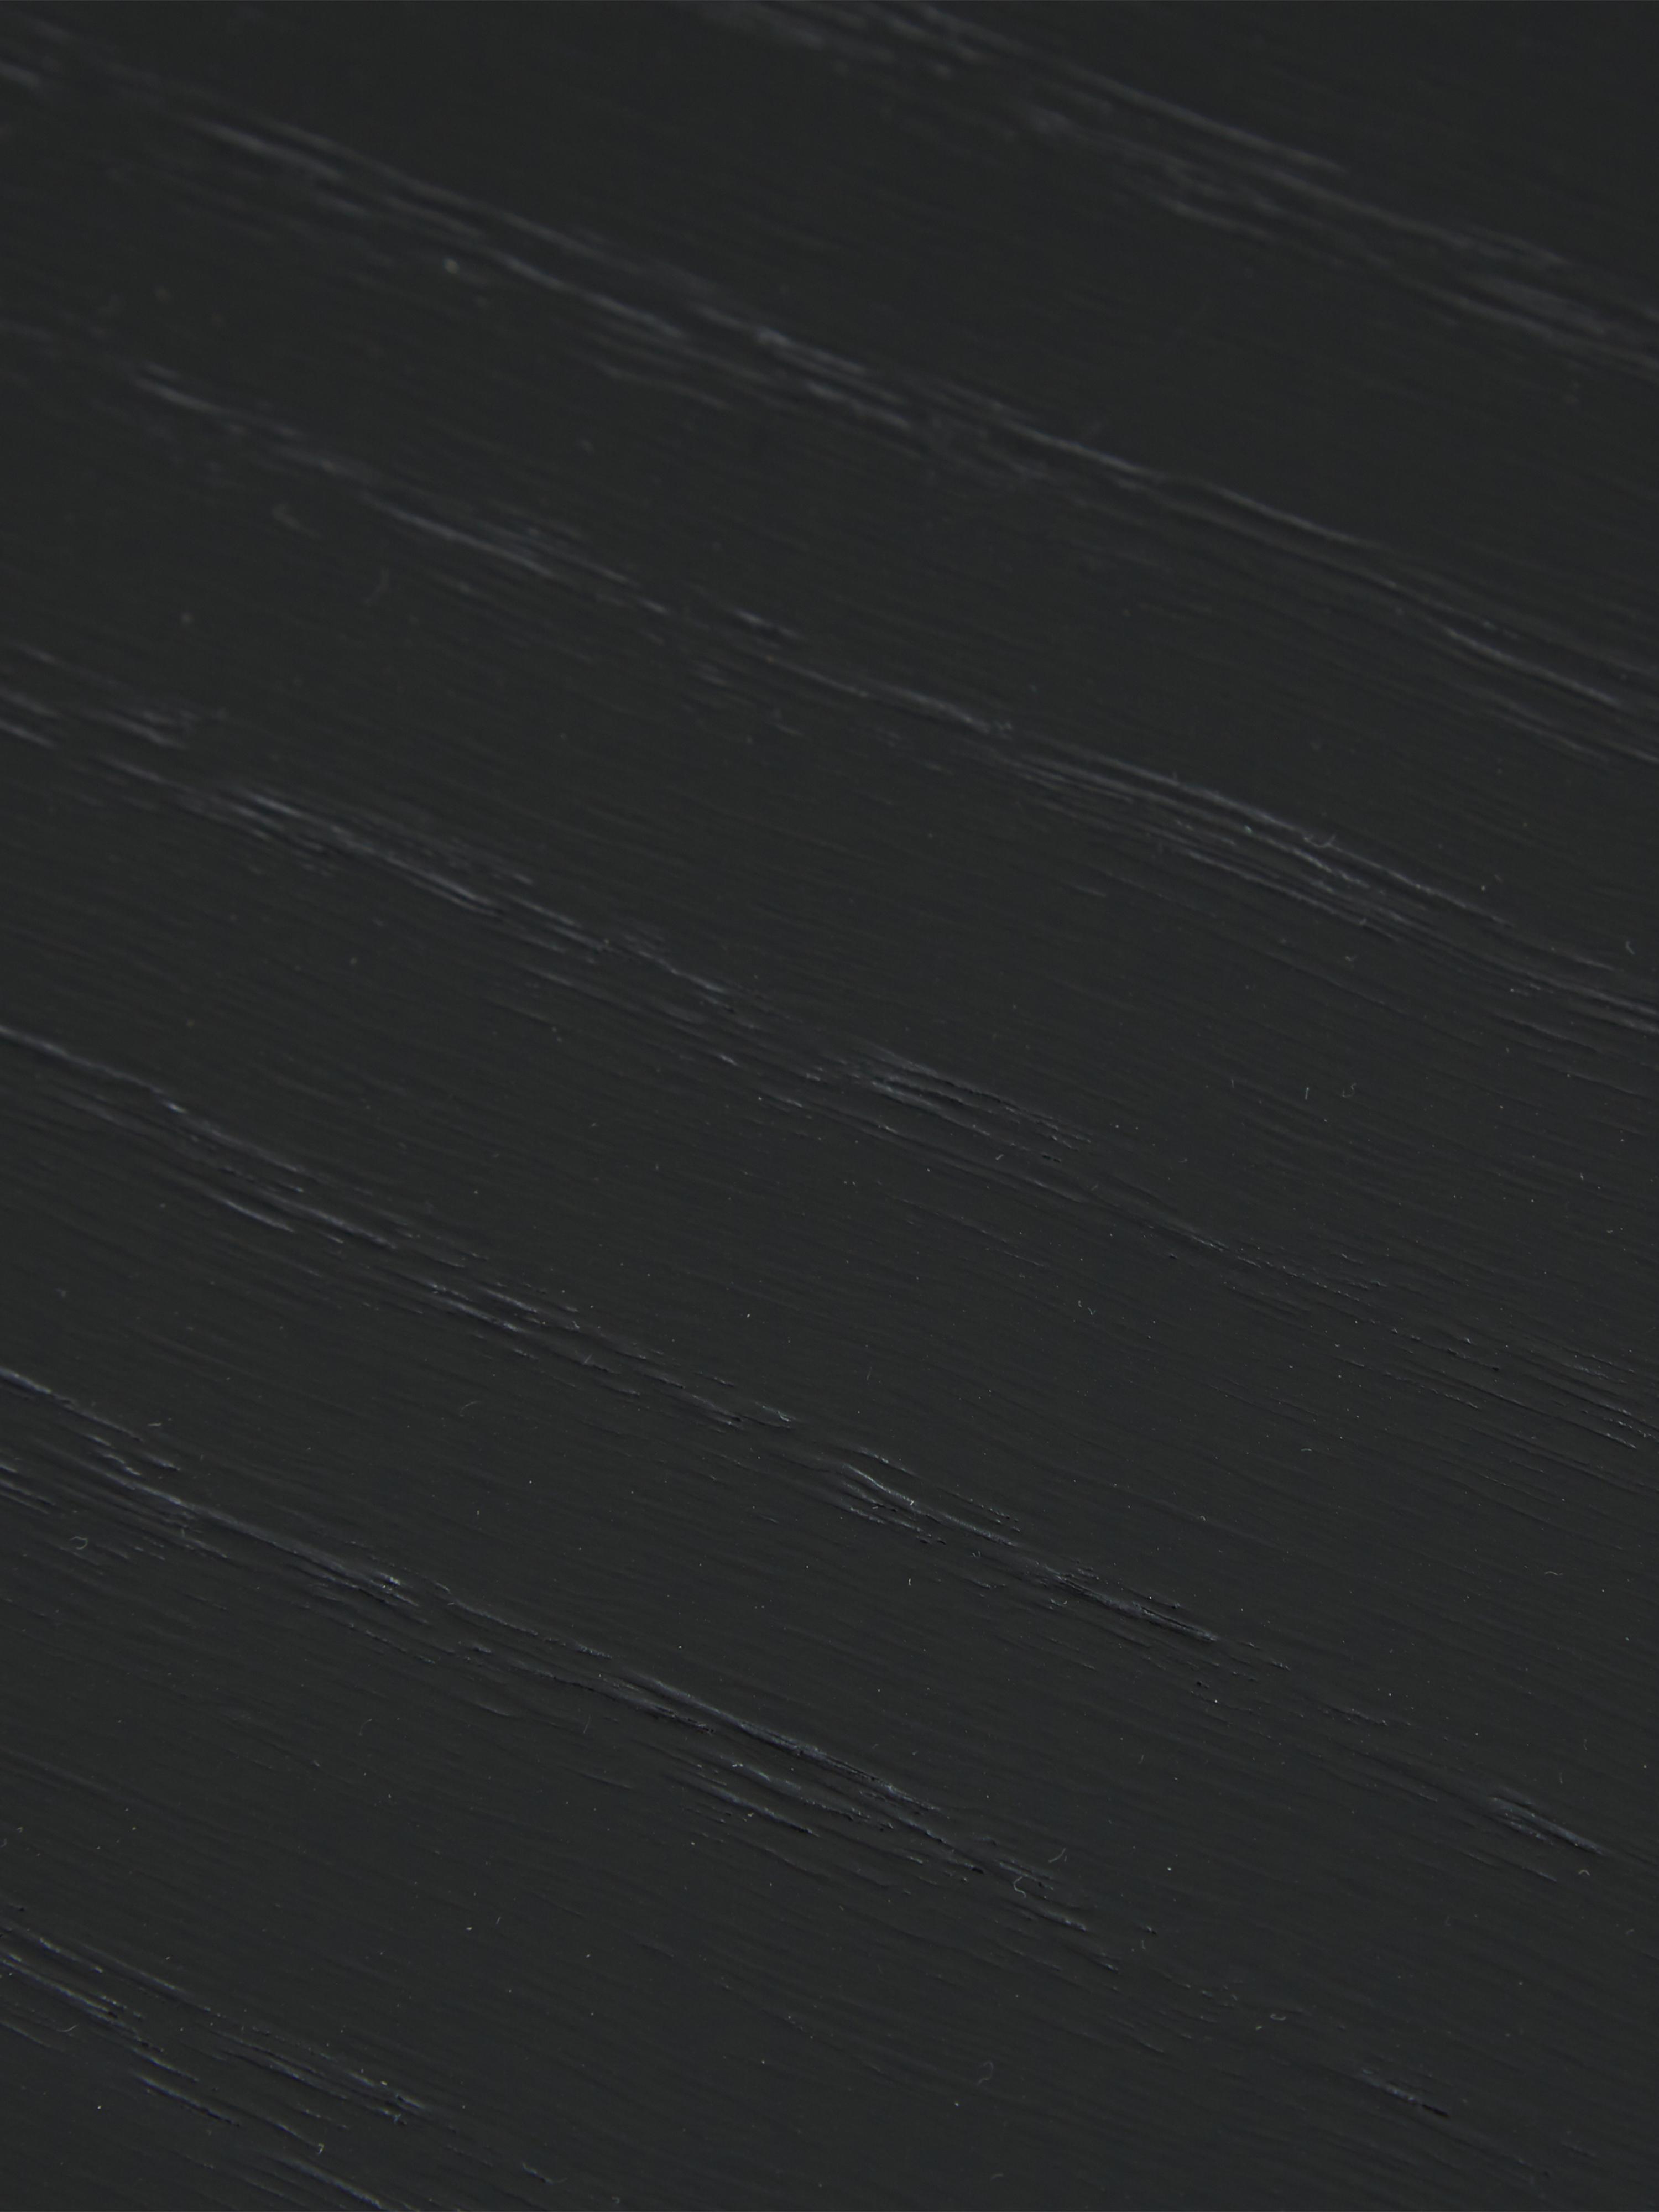 Beistelltisch Renee mit Ablagefach, Gestell: Metall, pulverbeschichtet, Schwarz, Ø 44 x H 49 cm